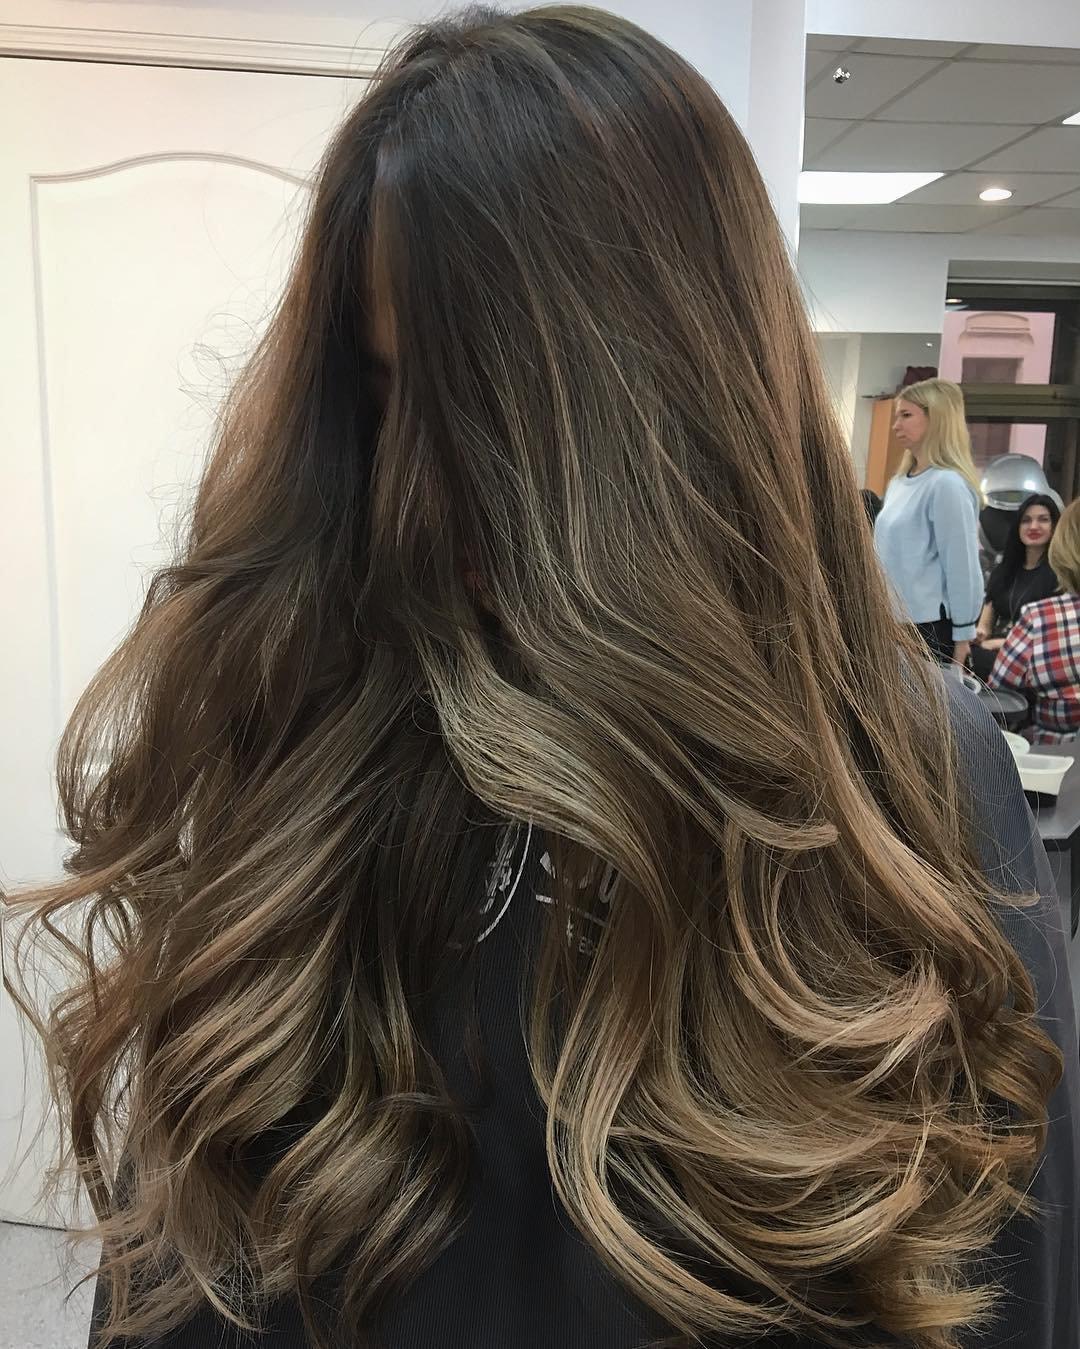 ombre-shatush-balajazh-foto_shatush-5 Шатуш на короткие волосы: окрашивание шатуш на каре с удлинением, боб каре, каре с челкой, техника окрашивания, фото и видео